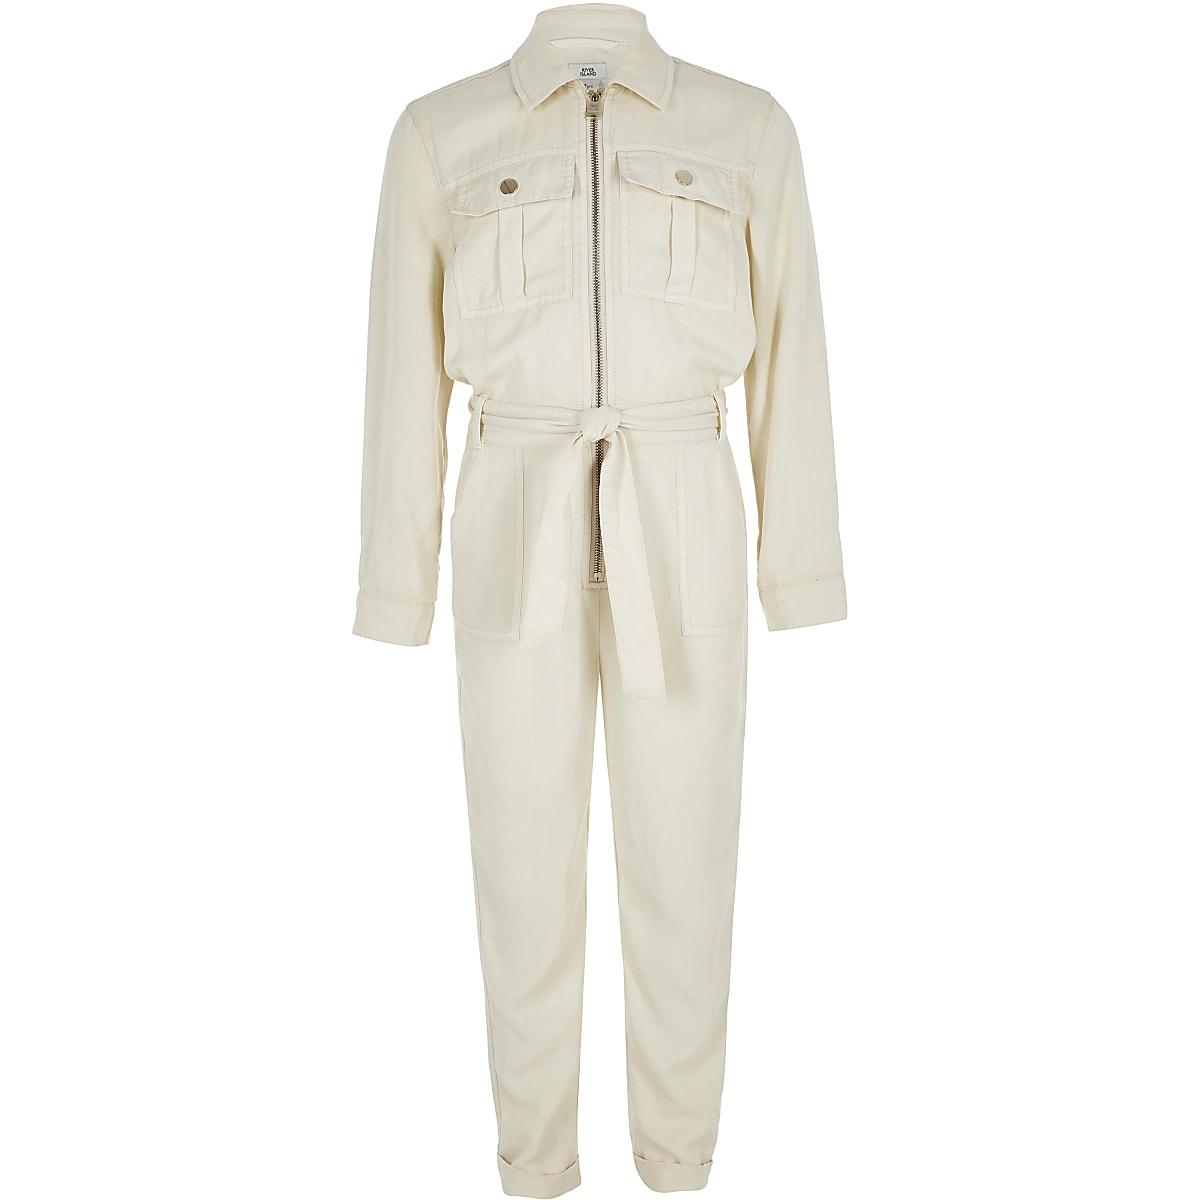 Girls cream utility jumpsuit